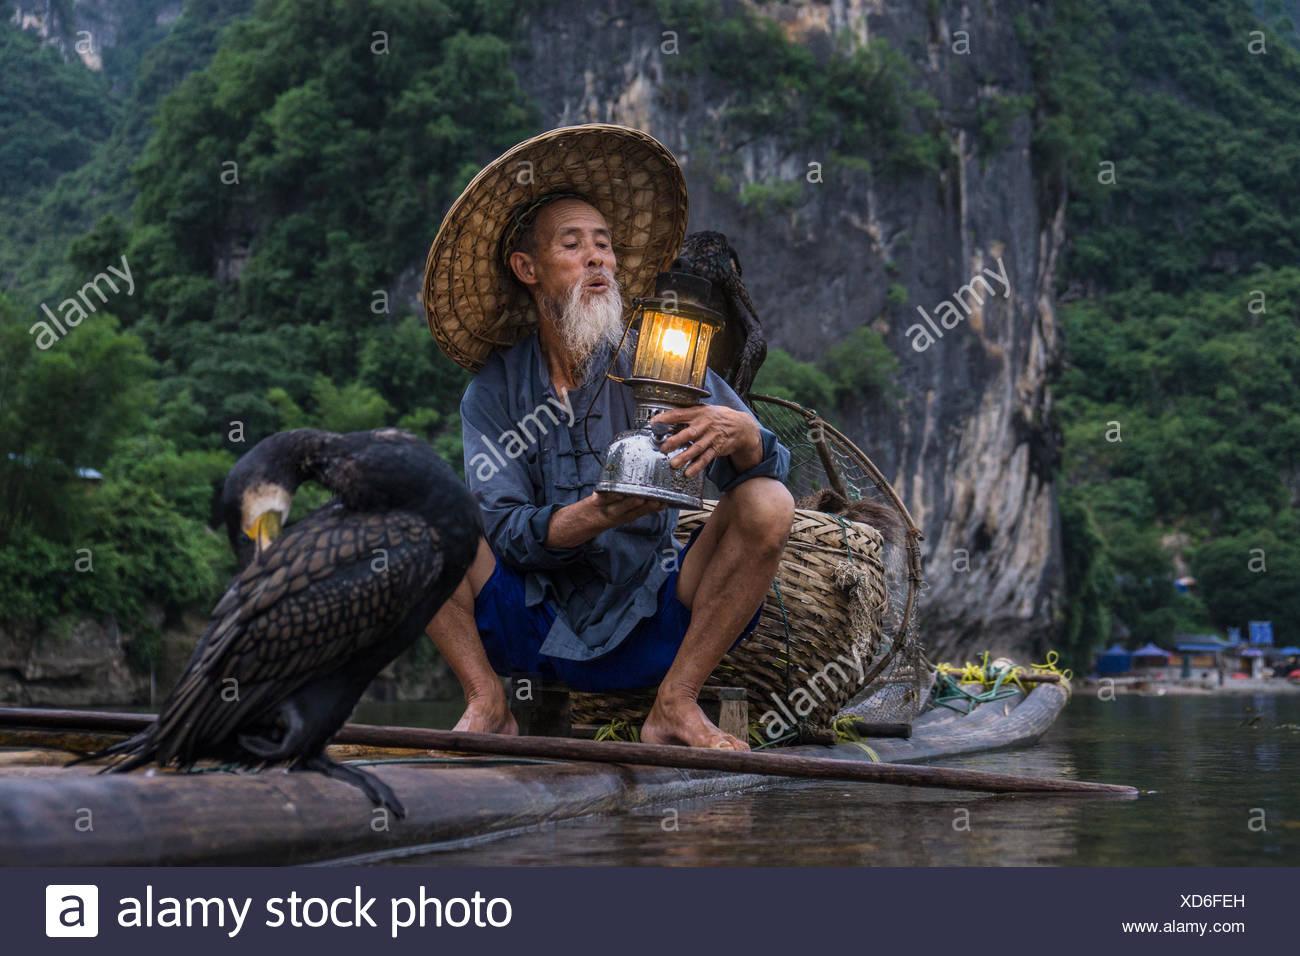 Cormorán pescador en una balsa sosteniendo una linterna, Guilin, China Imagen De Stock